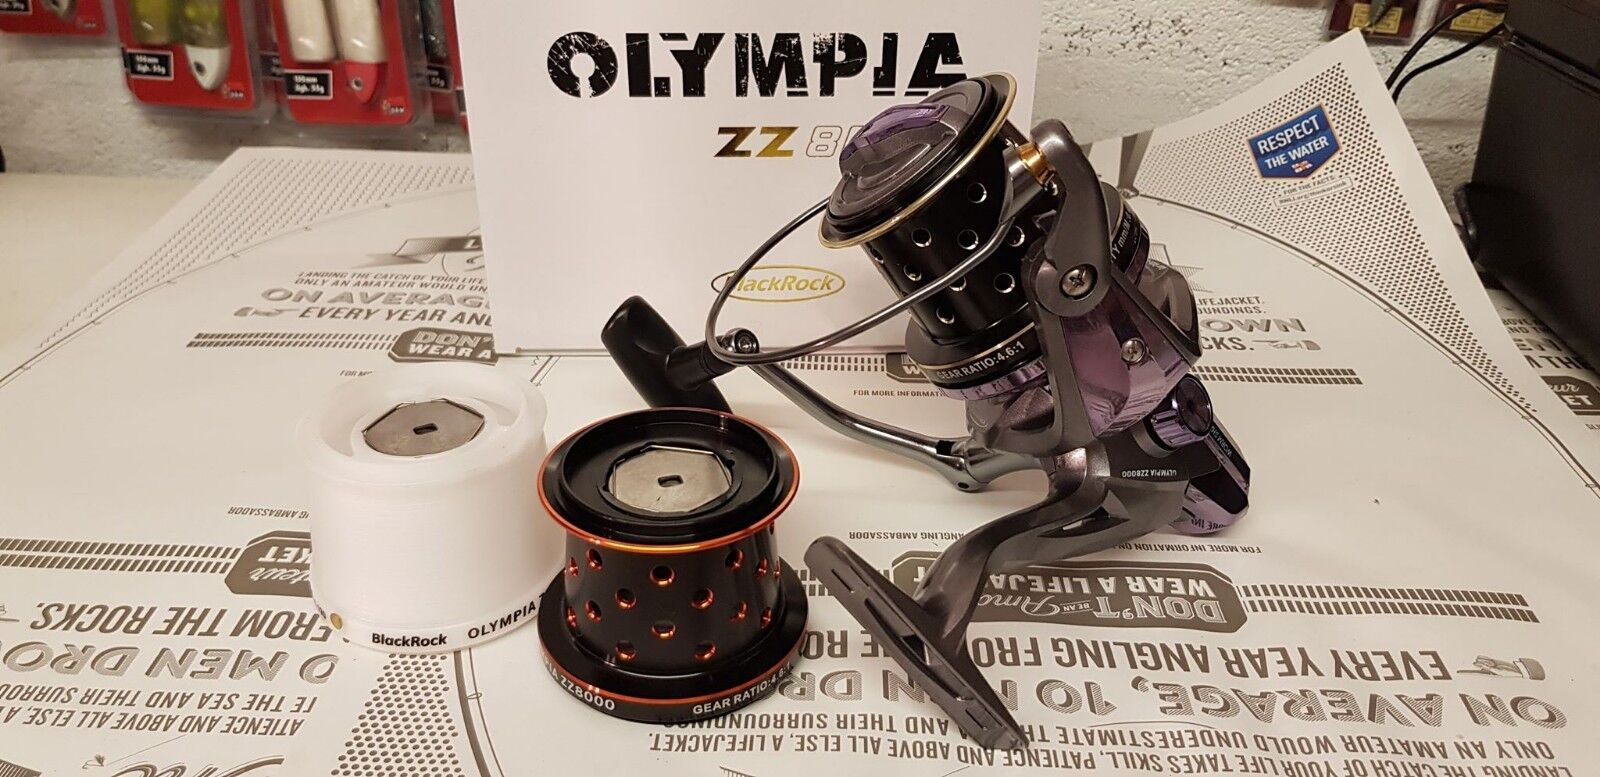 nerorock OLYMPIA ZZ8000 Surfcasting REEL, più di Ricambio Bobine + GRATIS MONO